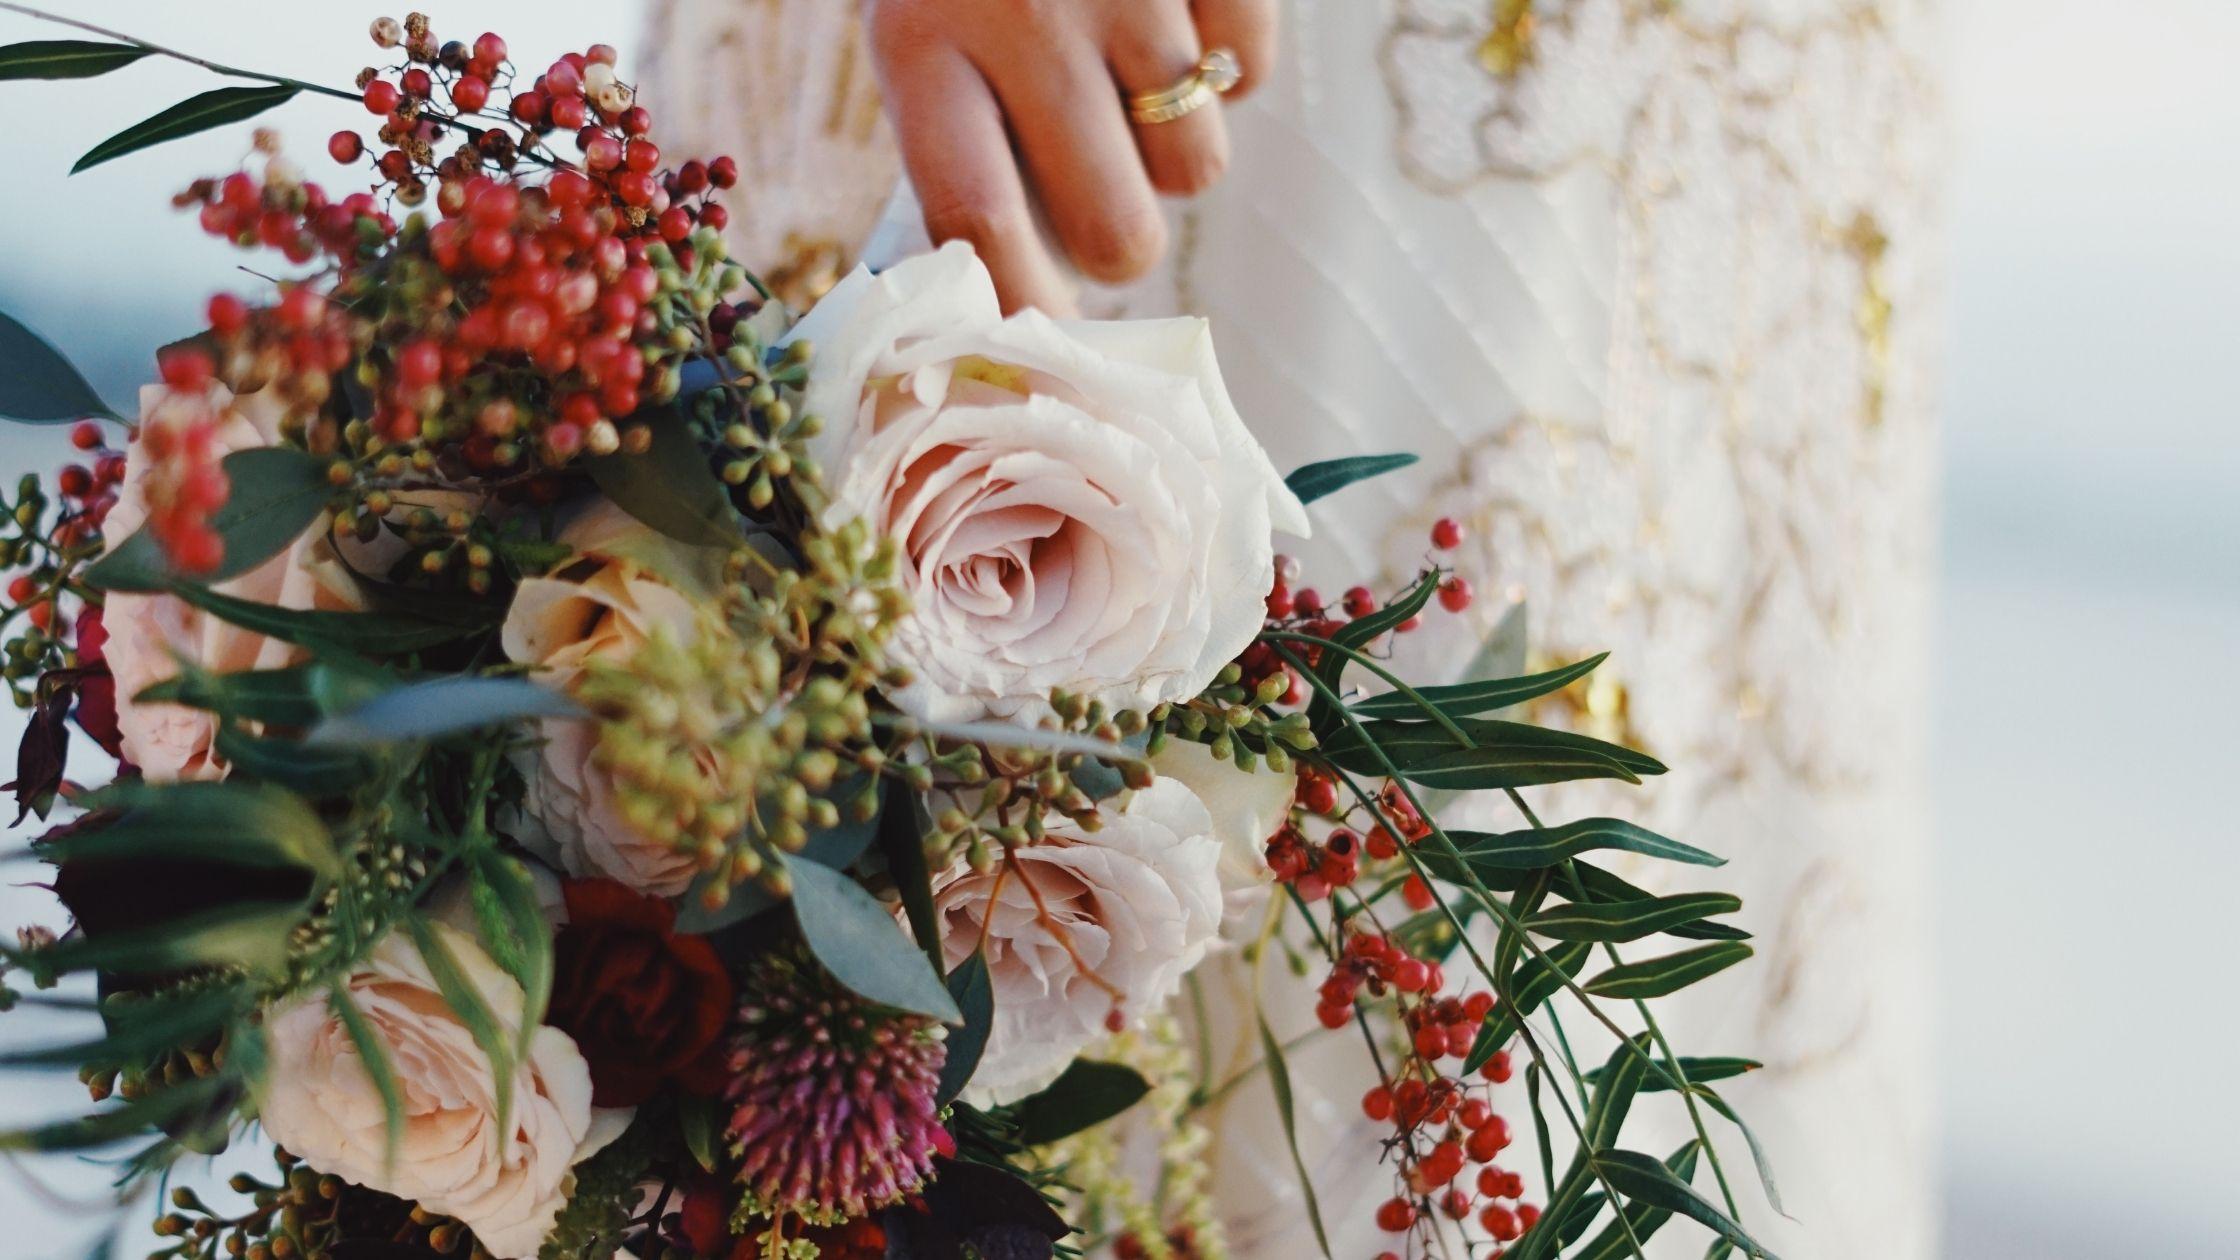 Mariage : Symbolique du bouquet de la mariée